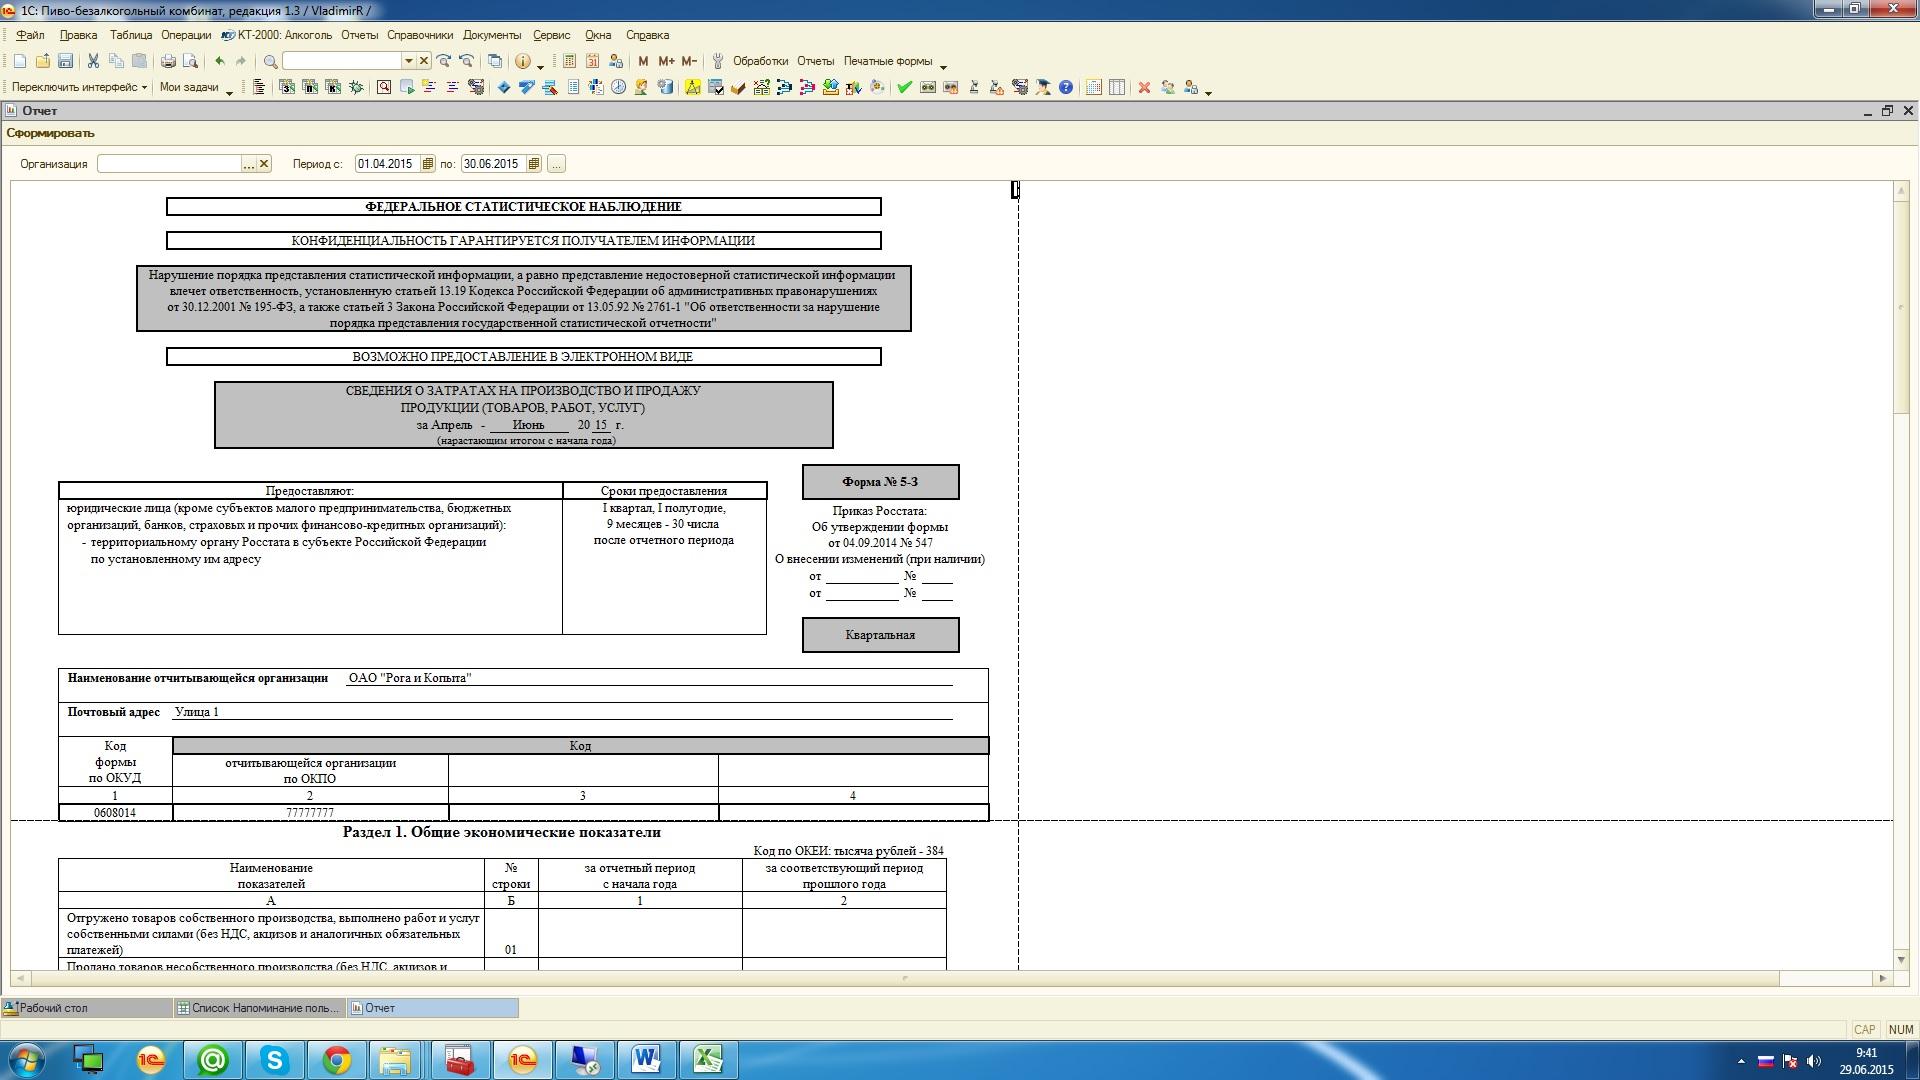 Программа заполнение форм статистической отчетности скачать